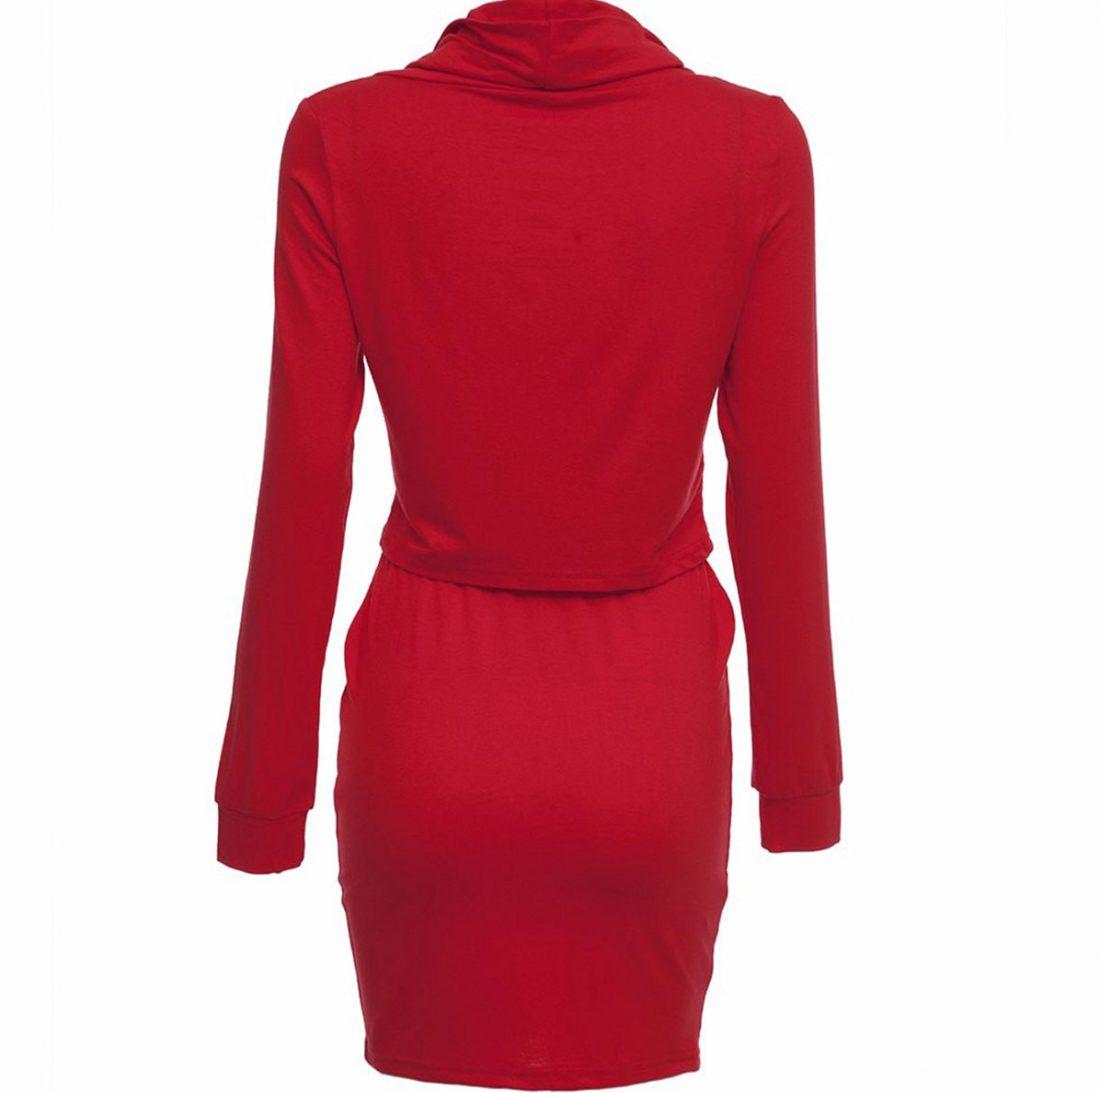 M0181 red2 Two Piece Sets Dresses maureens.com boutique